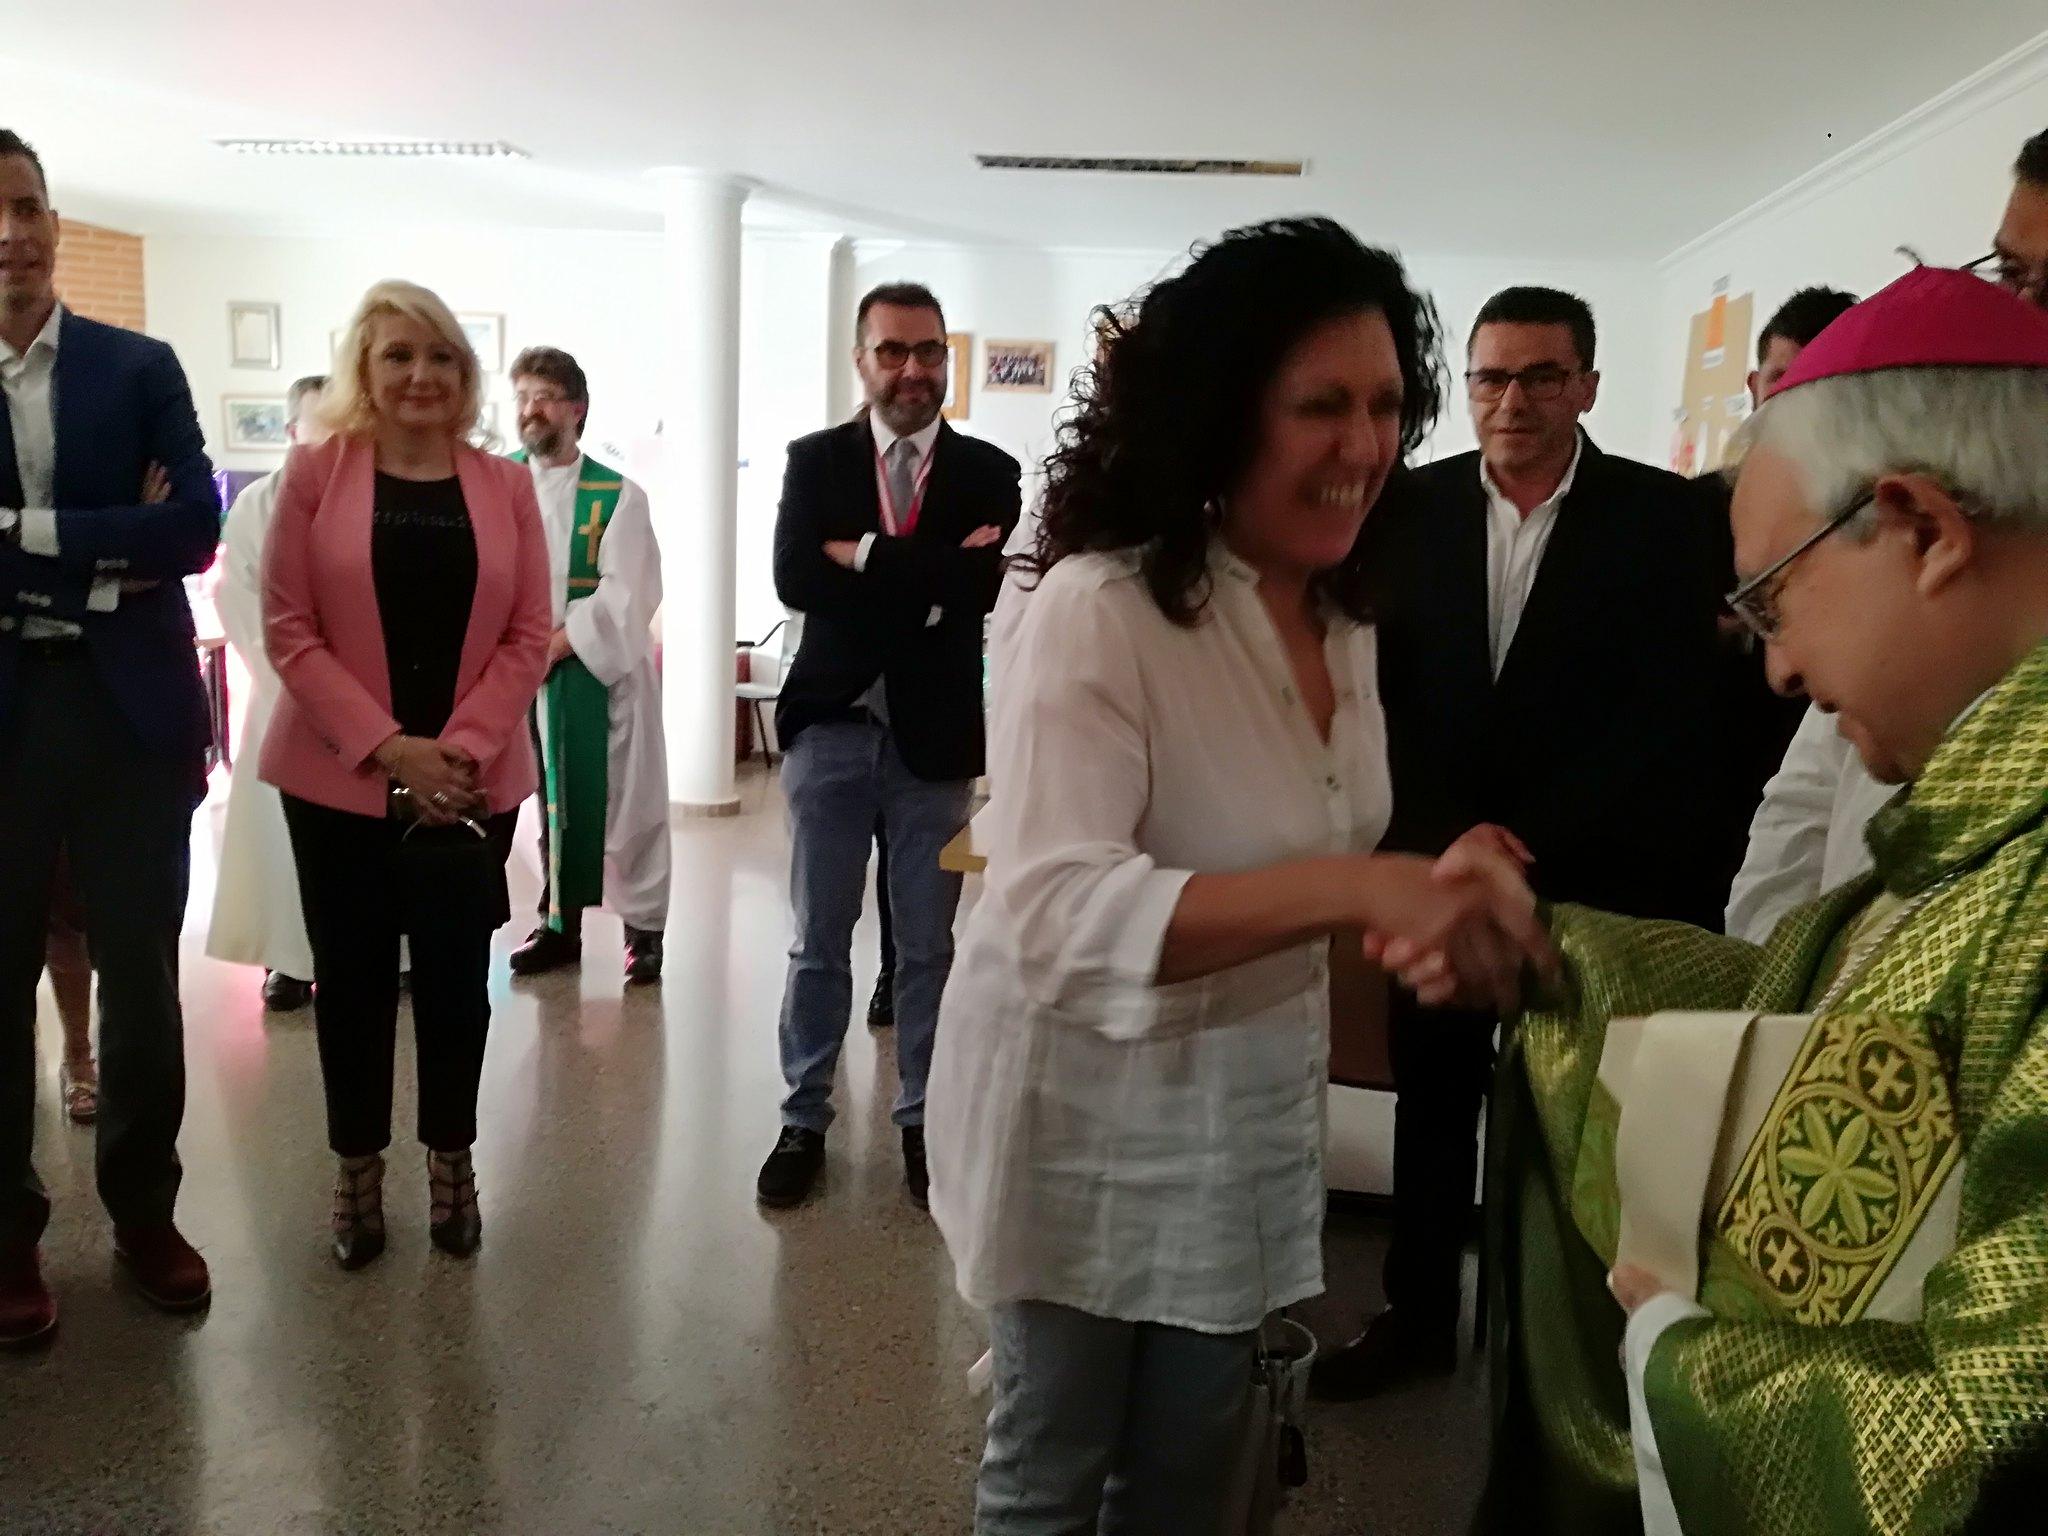 (2018-06-17) Encuentro - Helena Expósito Abad (19)